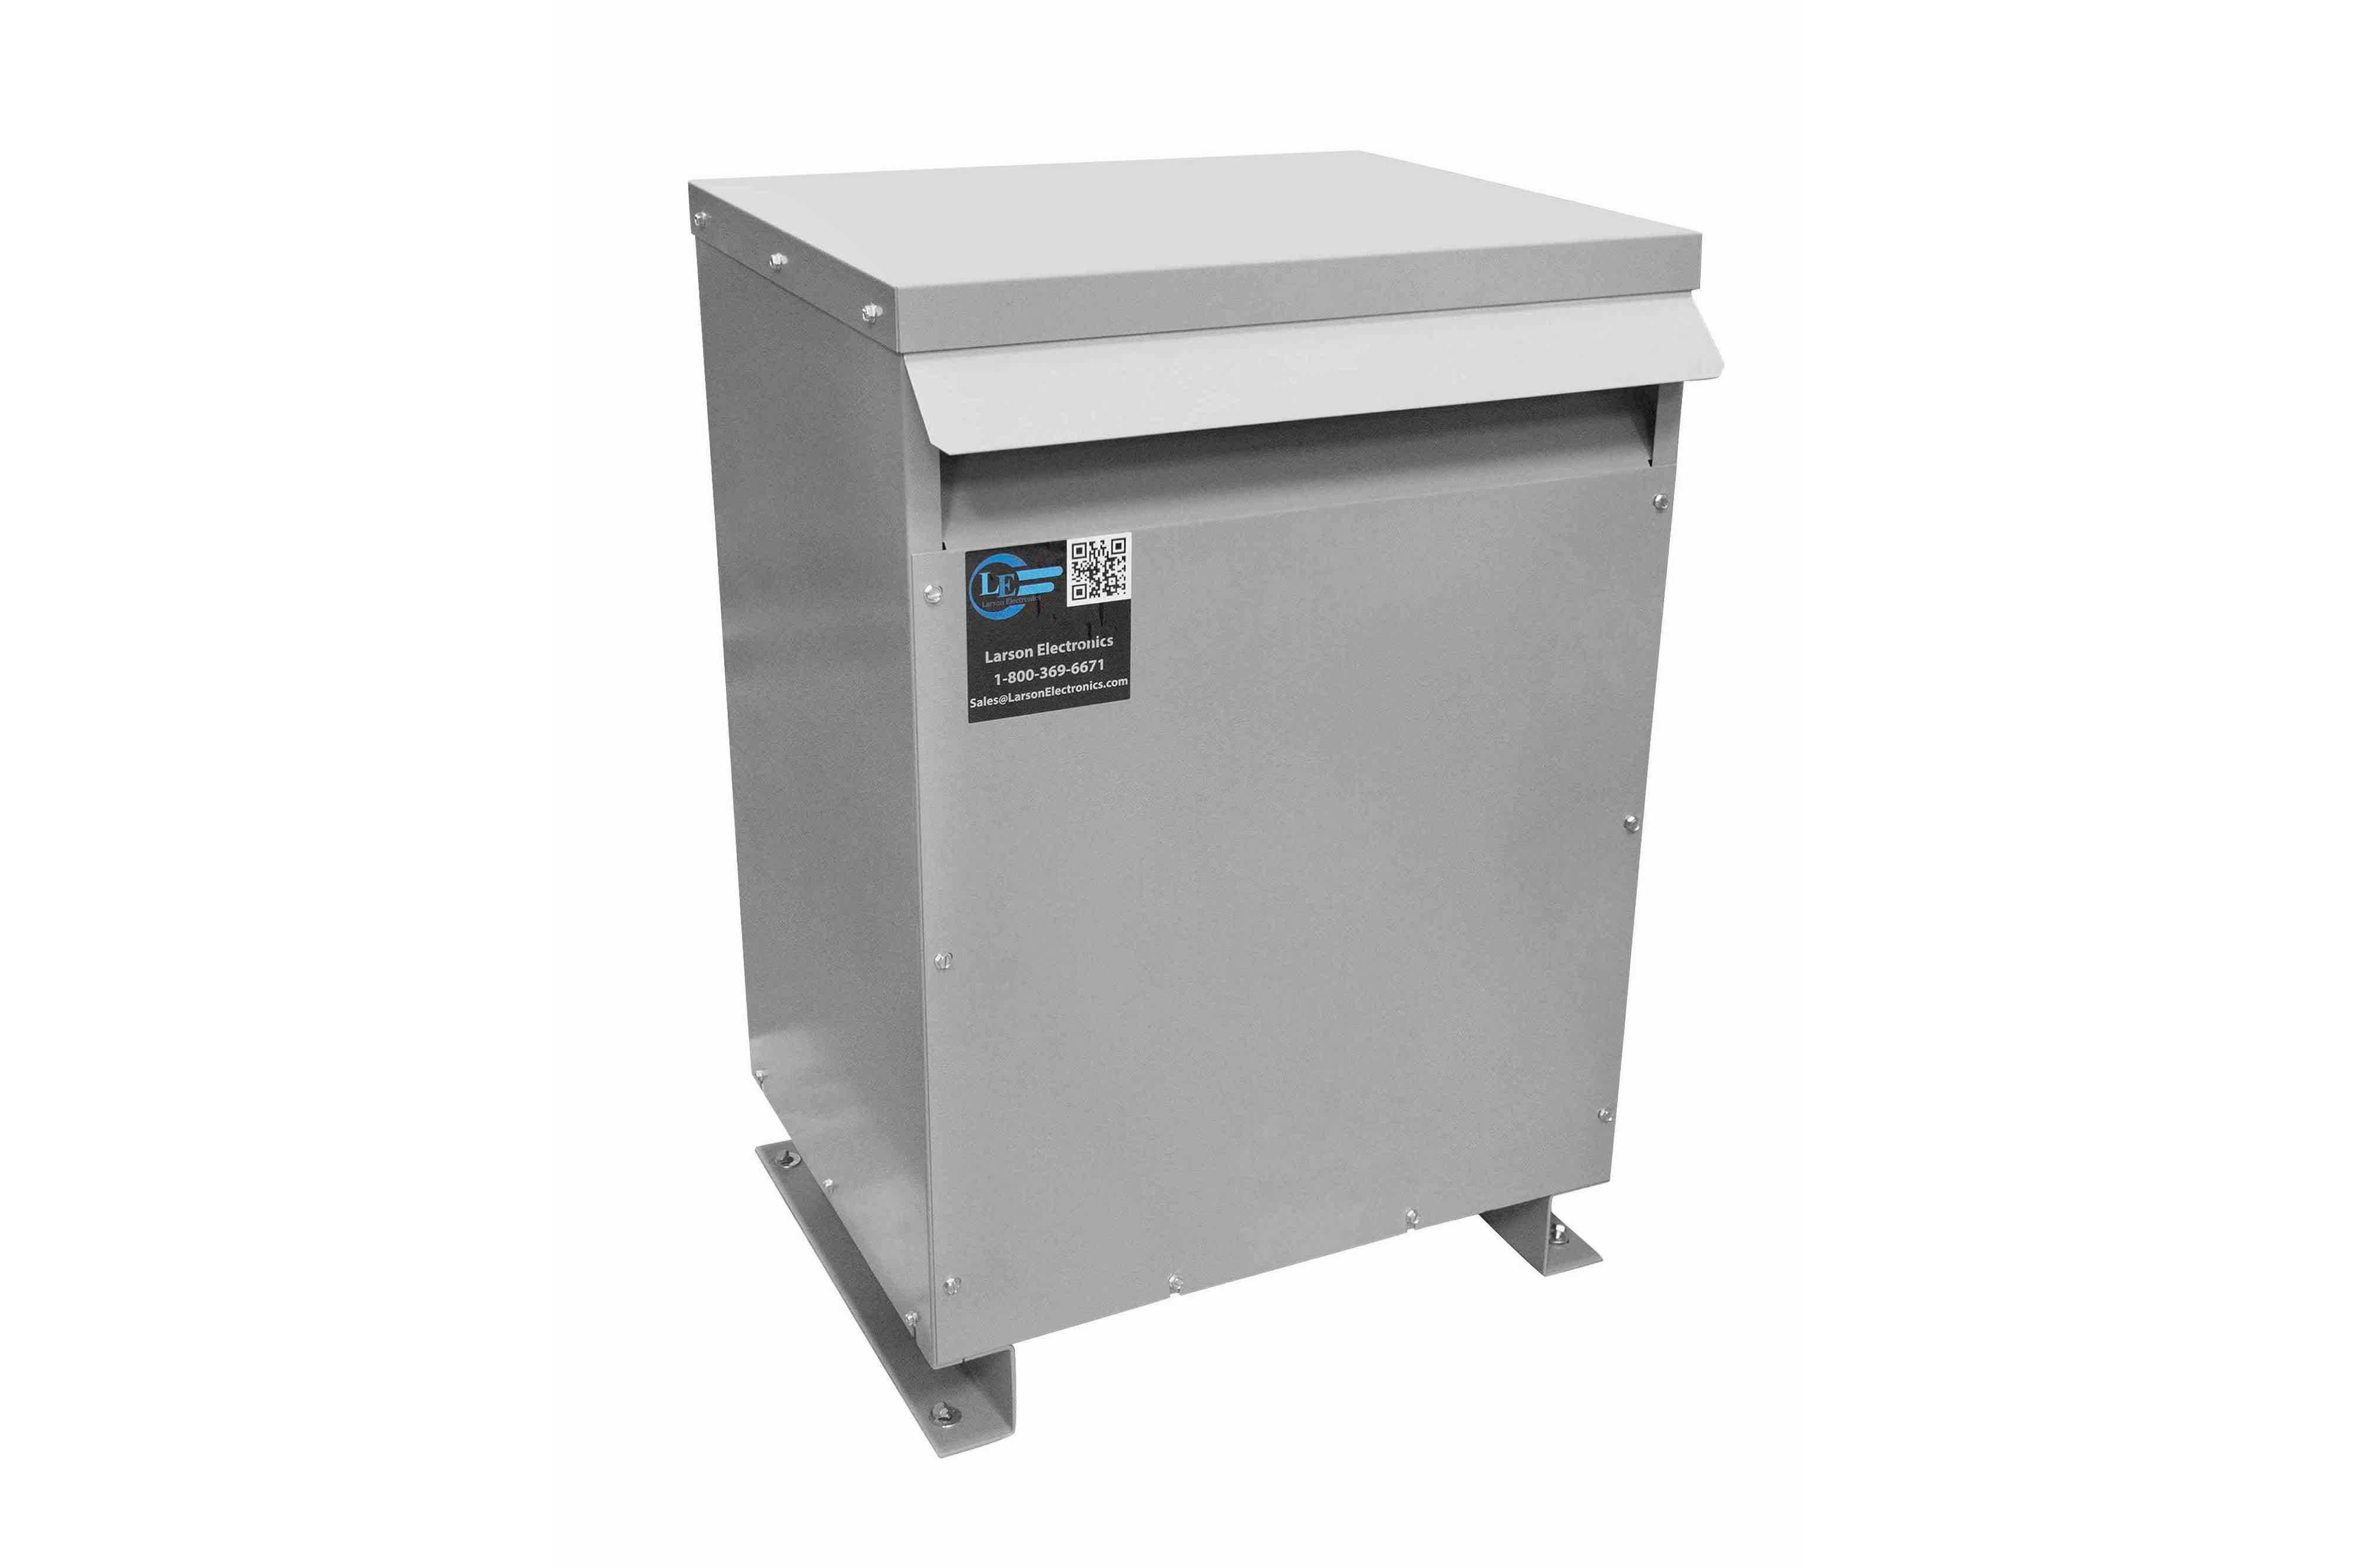 90 kVA 3PH Isolation Transformer, 480V Delta Primary, 240 Delta Secondary, N3R, Ventilated, 60 Hz